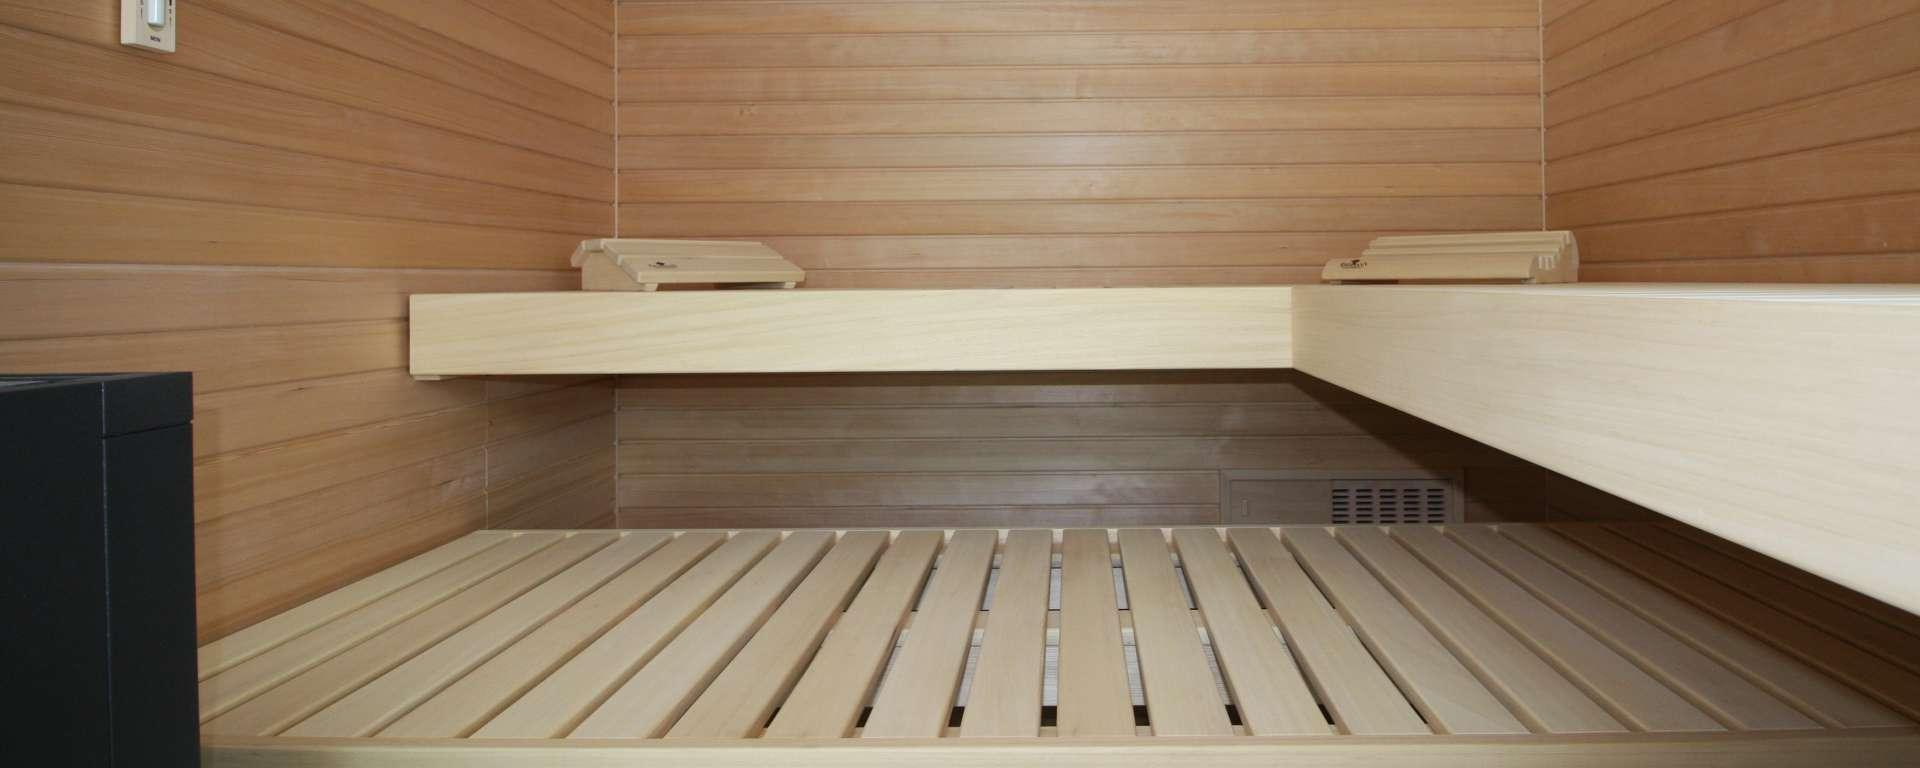 Full Size of Sauna Kaufen Luxus Design Saunabau Wellness Georg Kammerlochner Velux Fenster Betten 140x200 Küche Tipps Günstig Billig Im Badezimmer 180x200 Sofa Verkaufen Wohnzimmer Sauna Kaufen